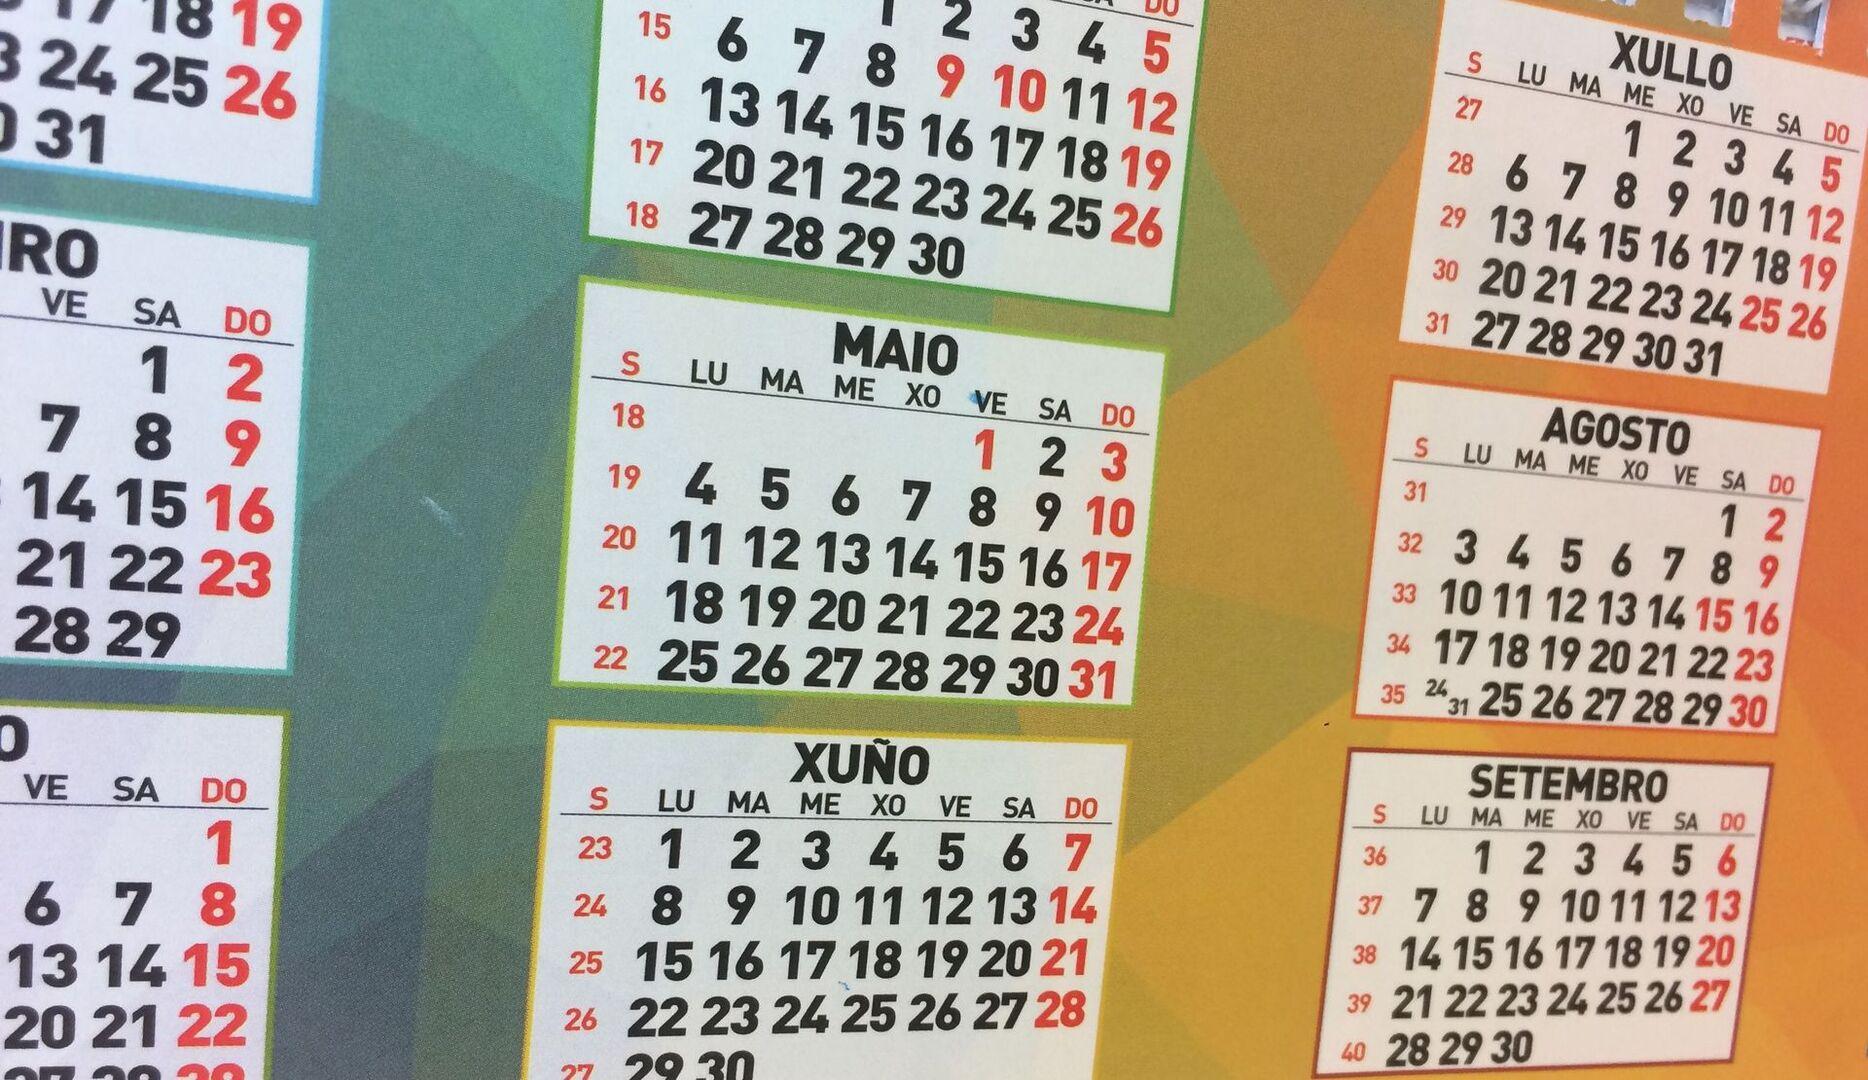 Calendario Diario 2020.Publicado Este Viernes El Calendario Laboral Para El 2020 En